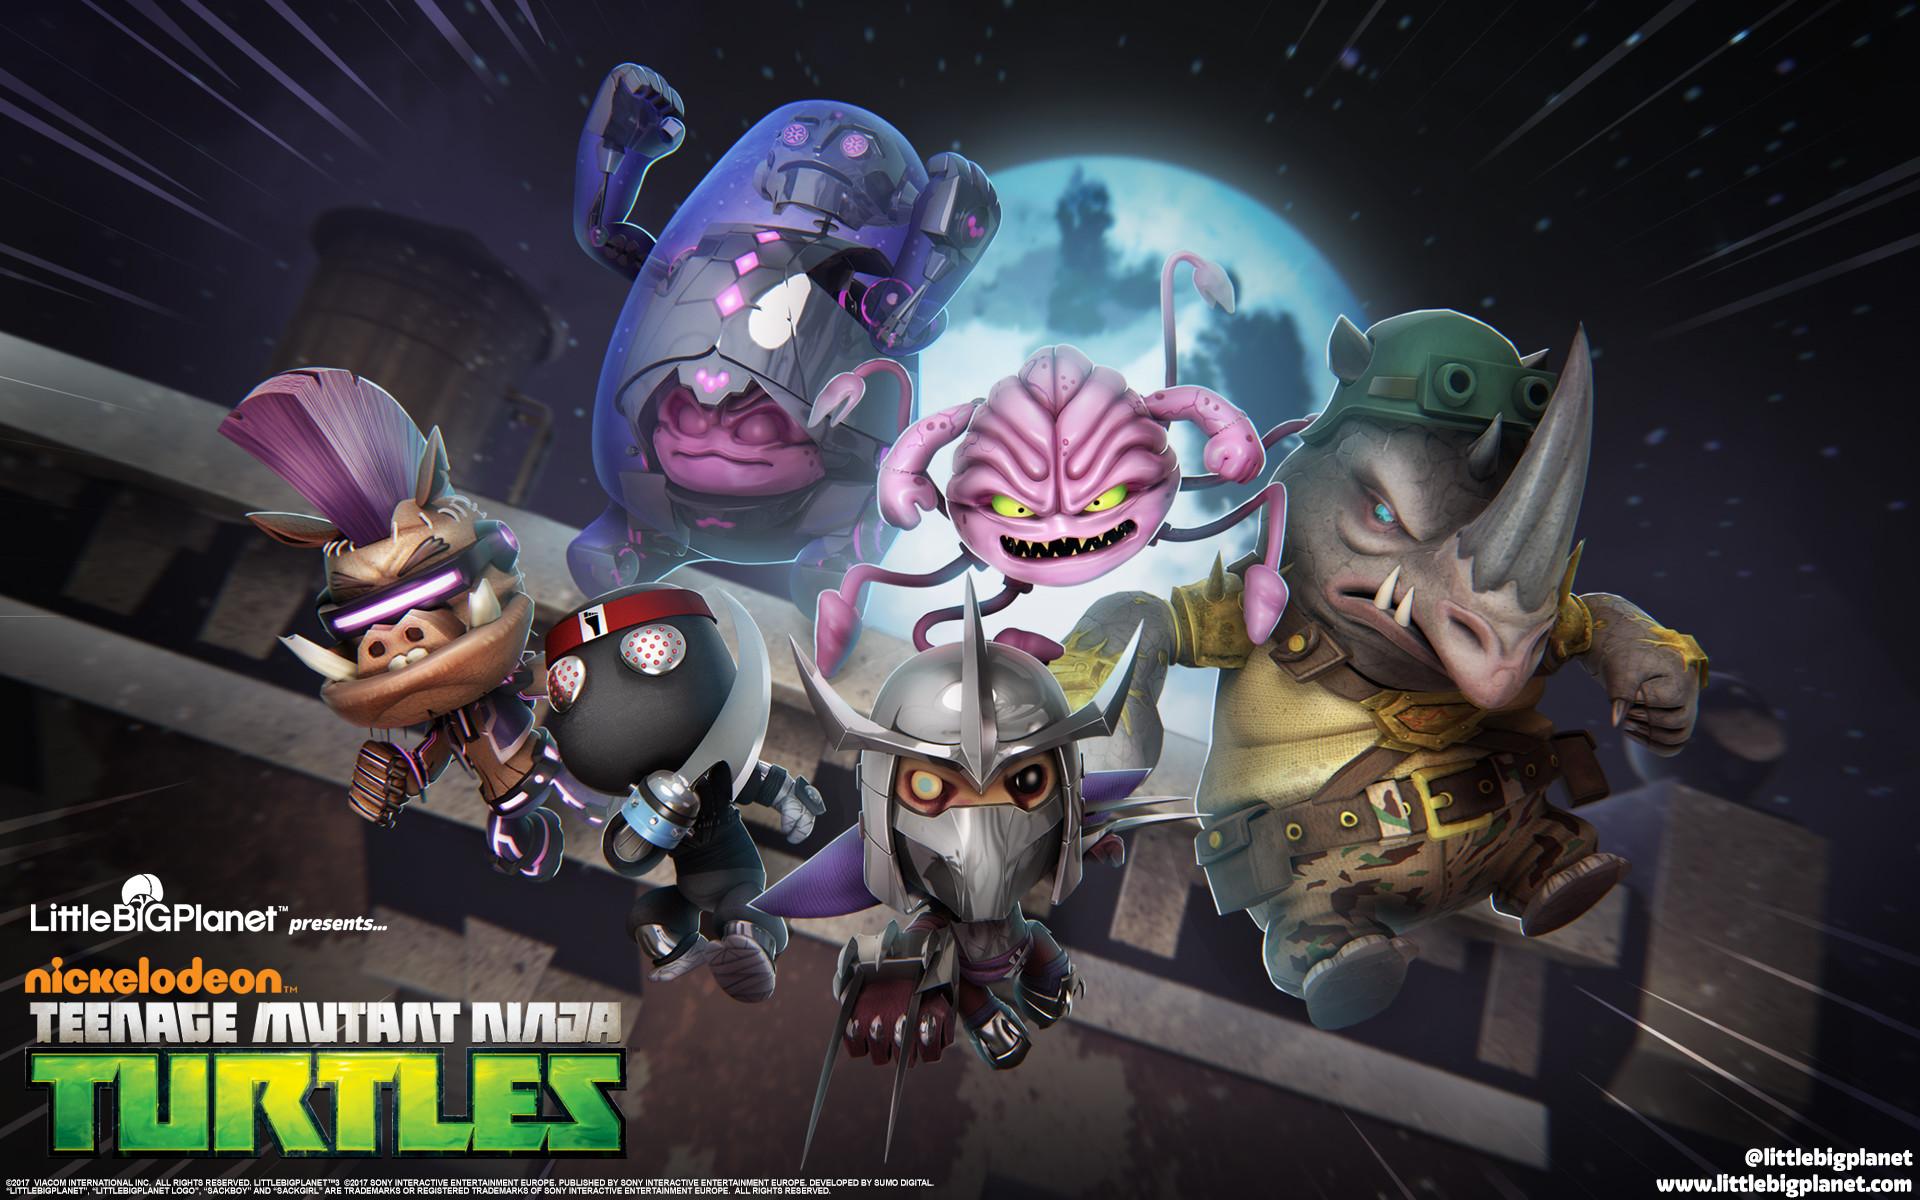 Monika mikucka teenage mutant ninja turtles villains blue 16 10